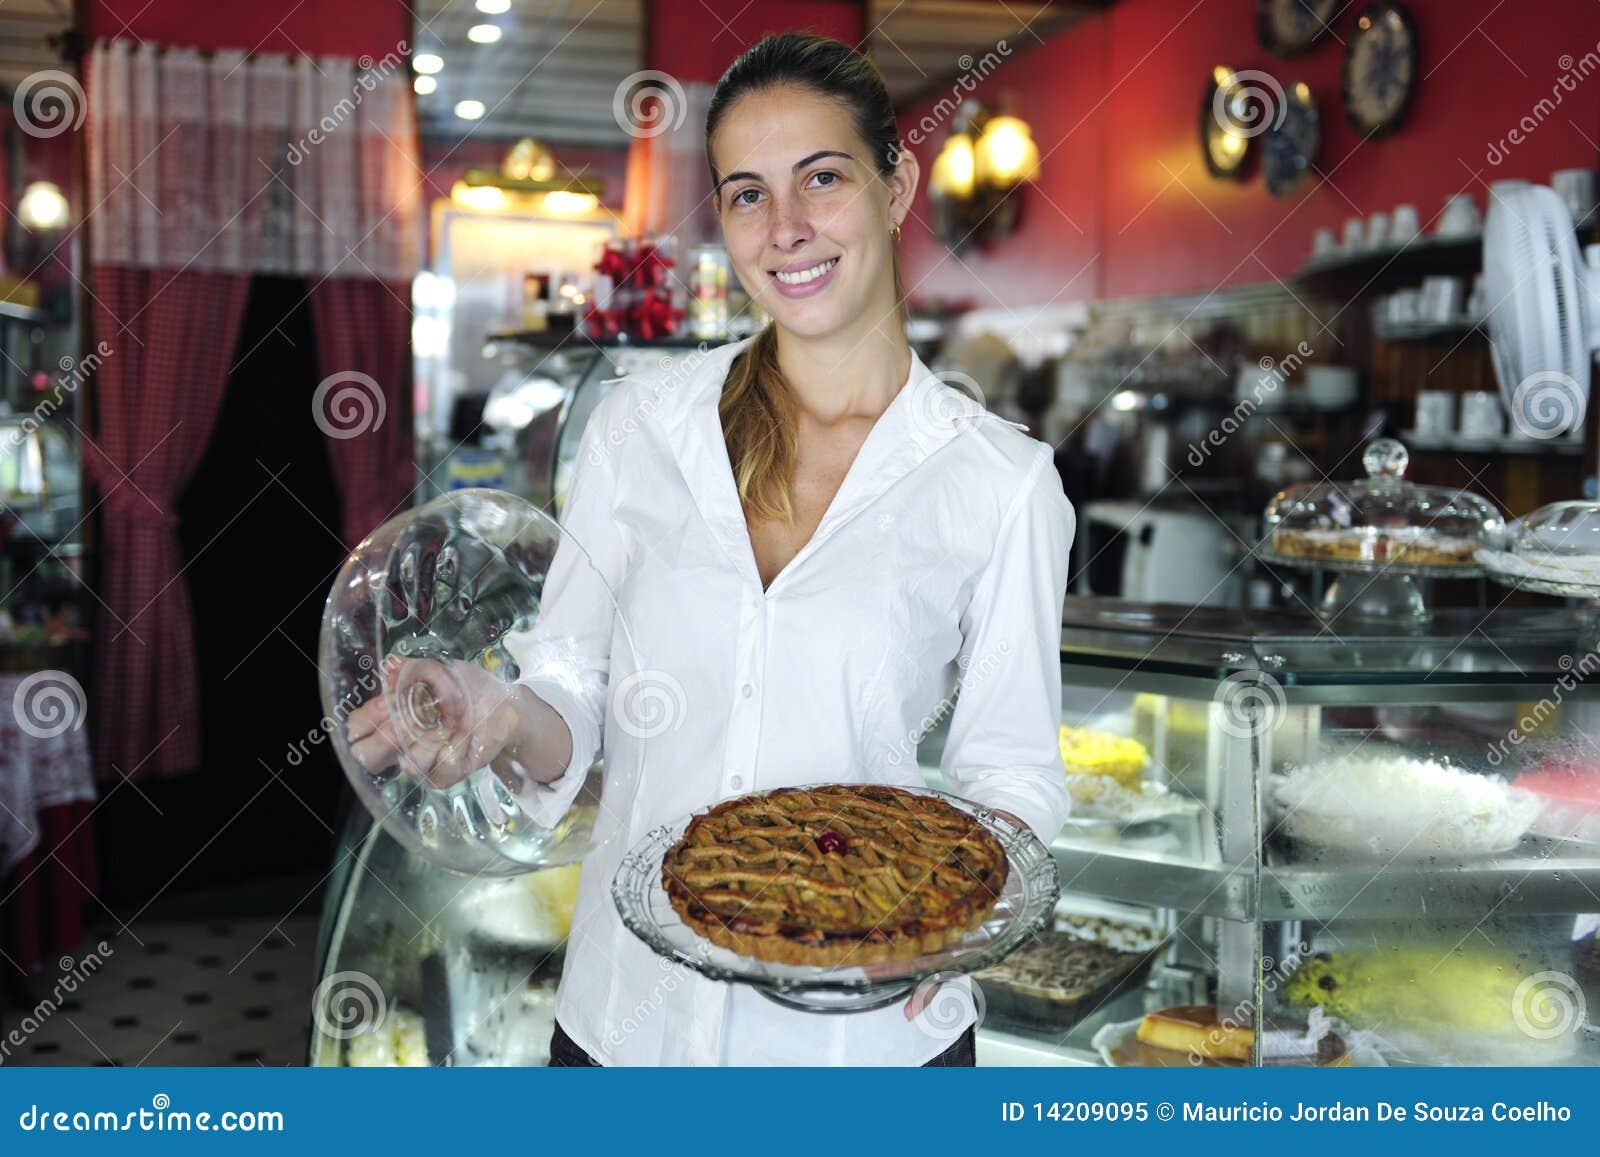 Μικρή επιχείρηση: υπερήφανος θηλυκός ιδιοκτήτης ενός καφέ